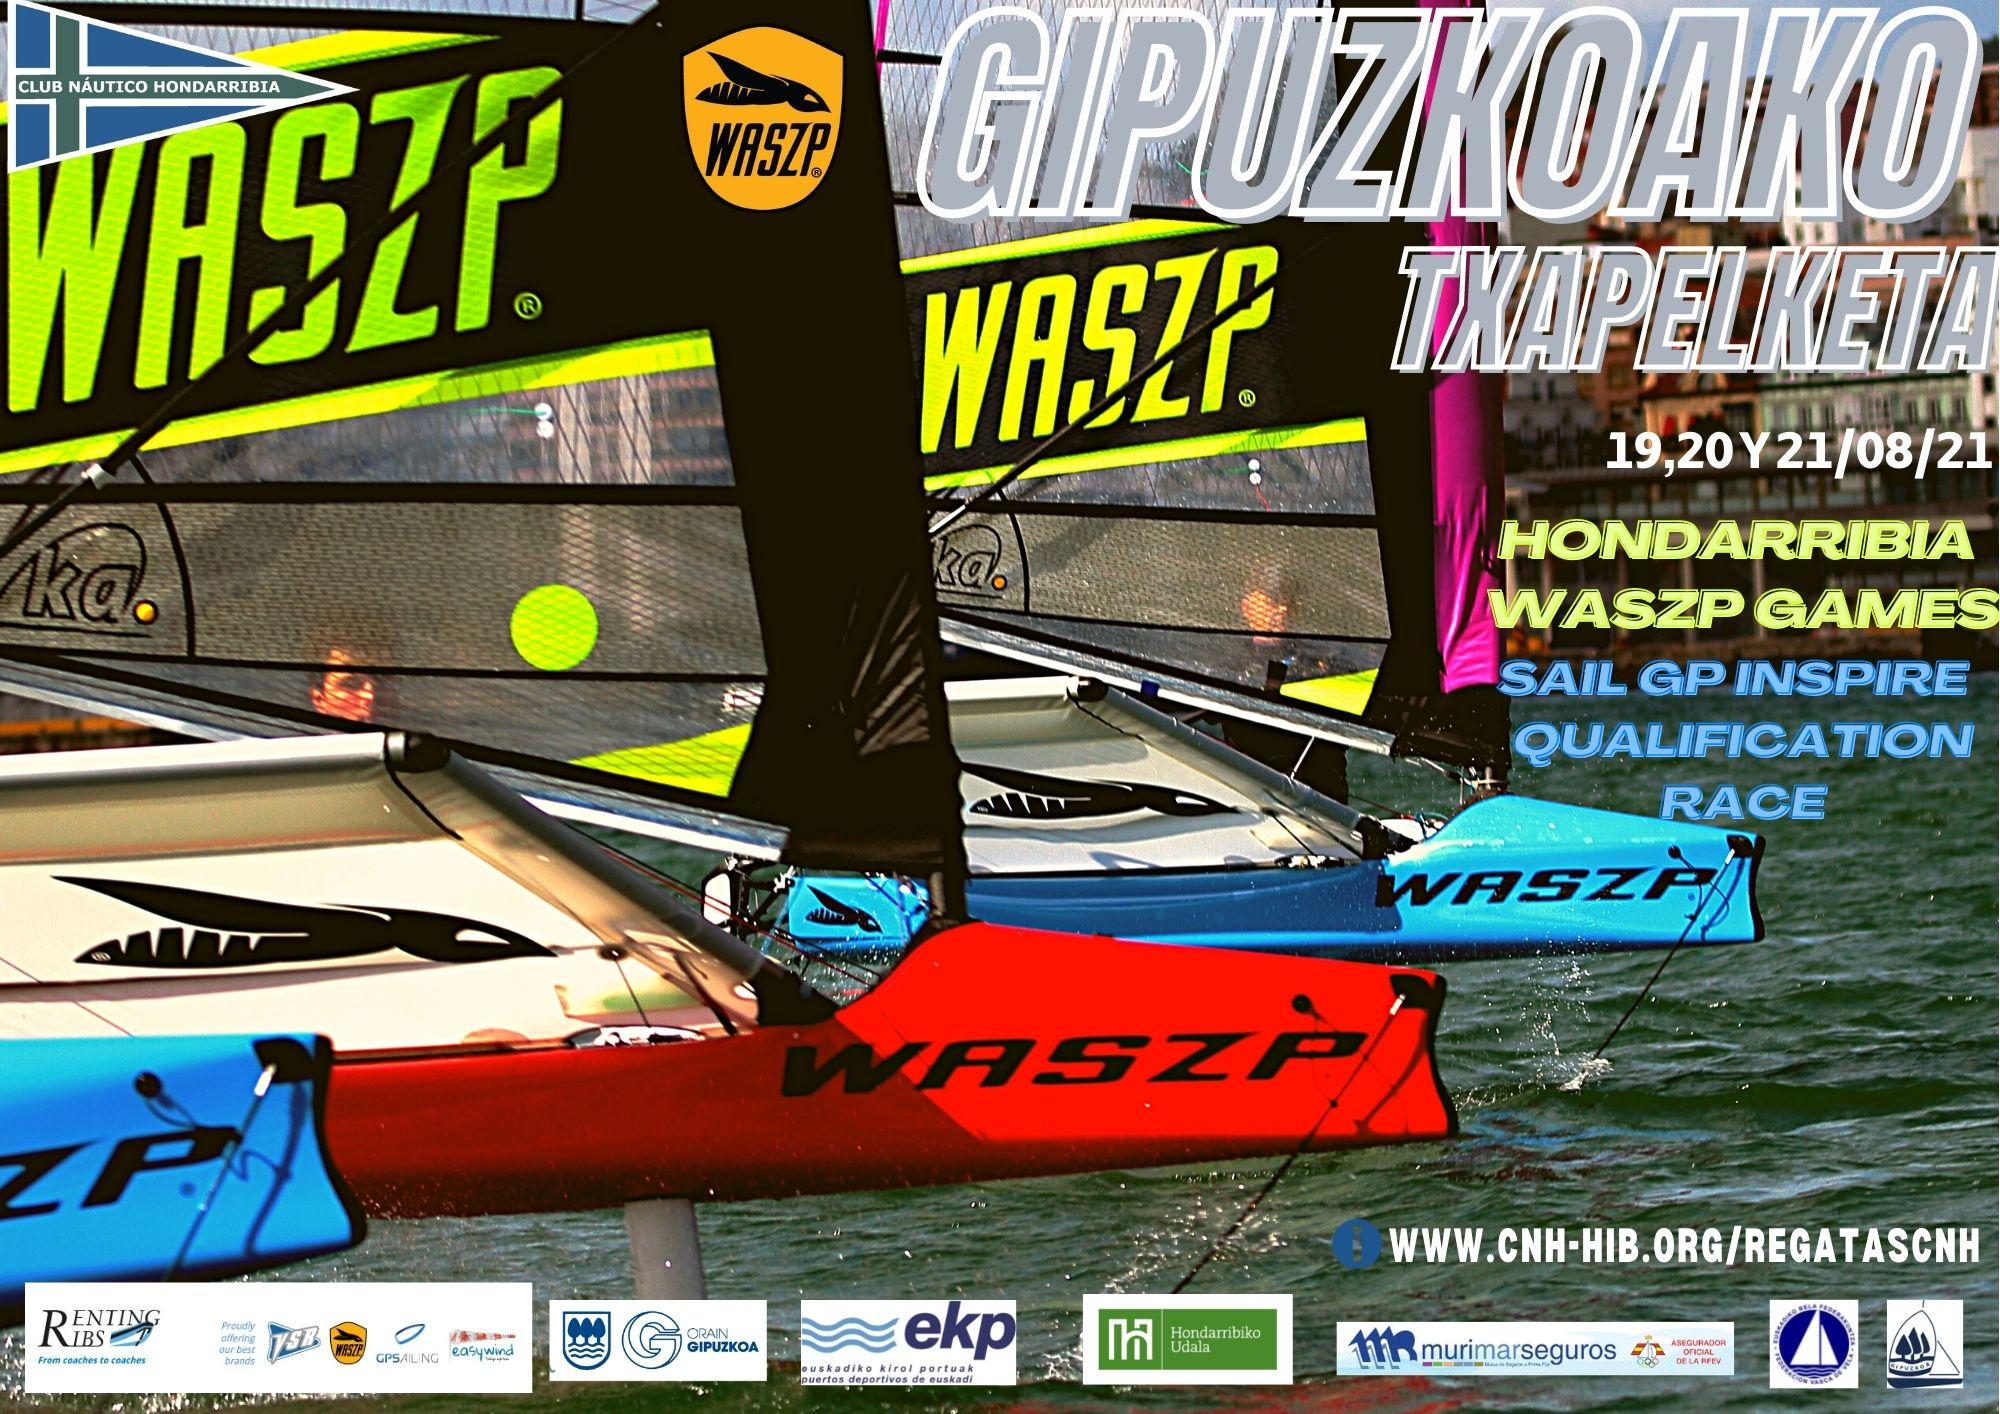 Gipuzkoa Championships, Hondarribia WASZP Games